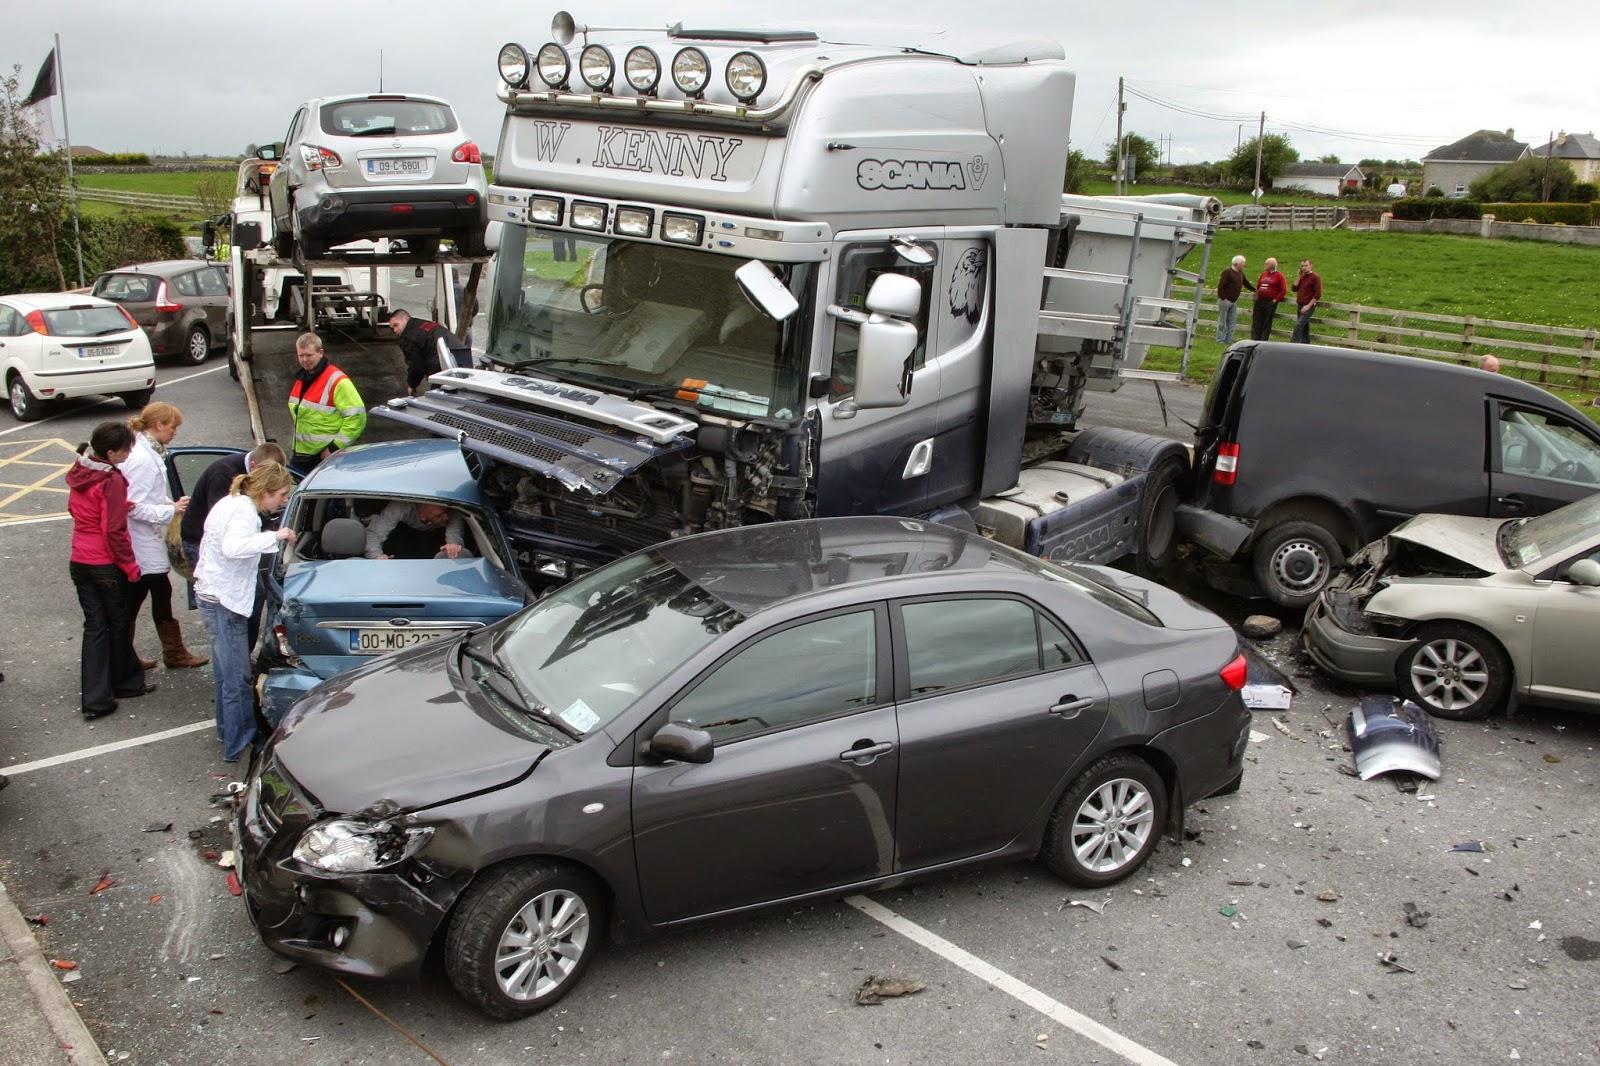 Truck Crash Compilation The Best Car Crashes Compilation 2014